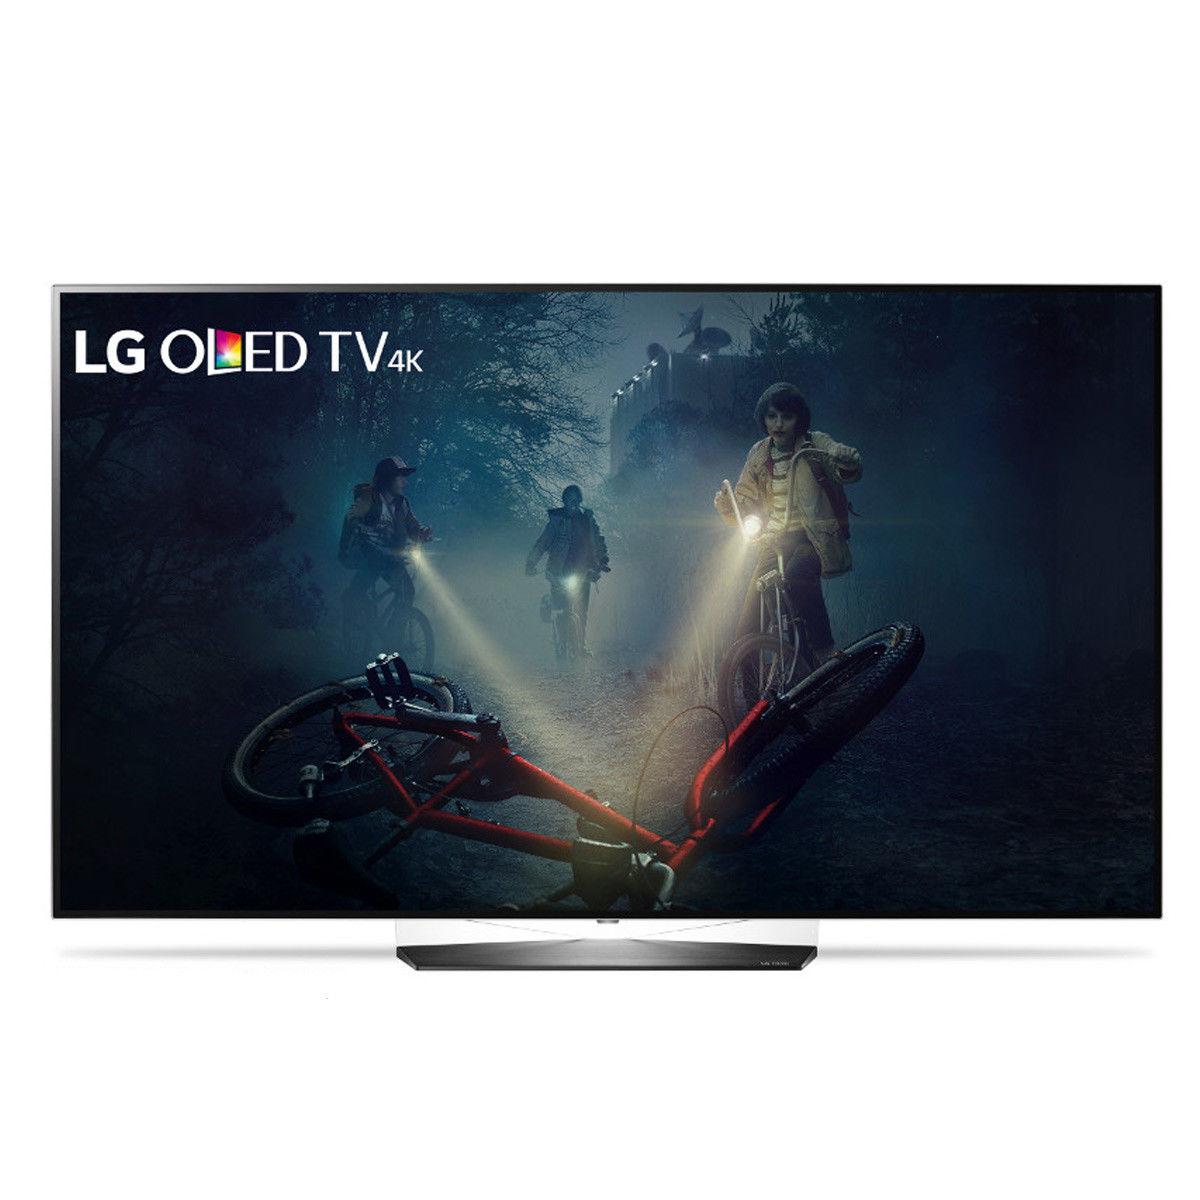 """LG OLED65B7A 65"""" OLED 4K UHD HDR Smart TV $1709.99 w/Free Shipping!"""